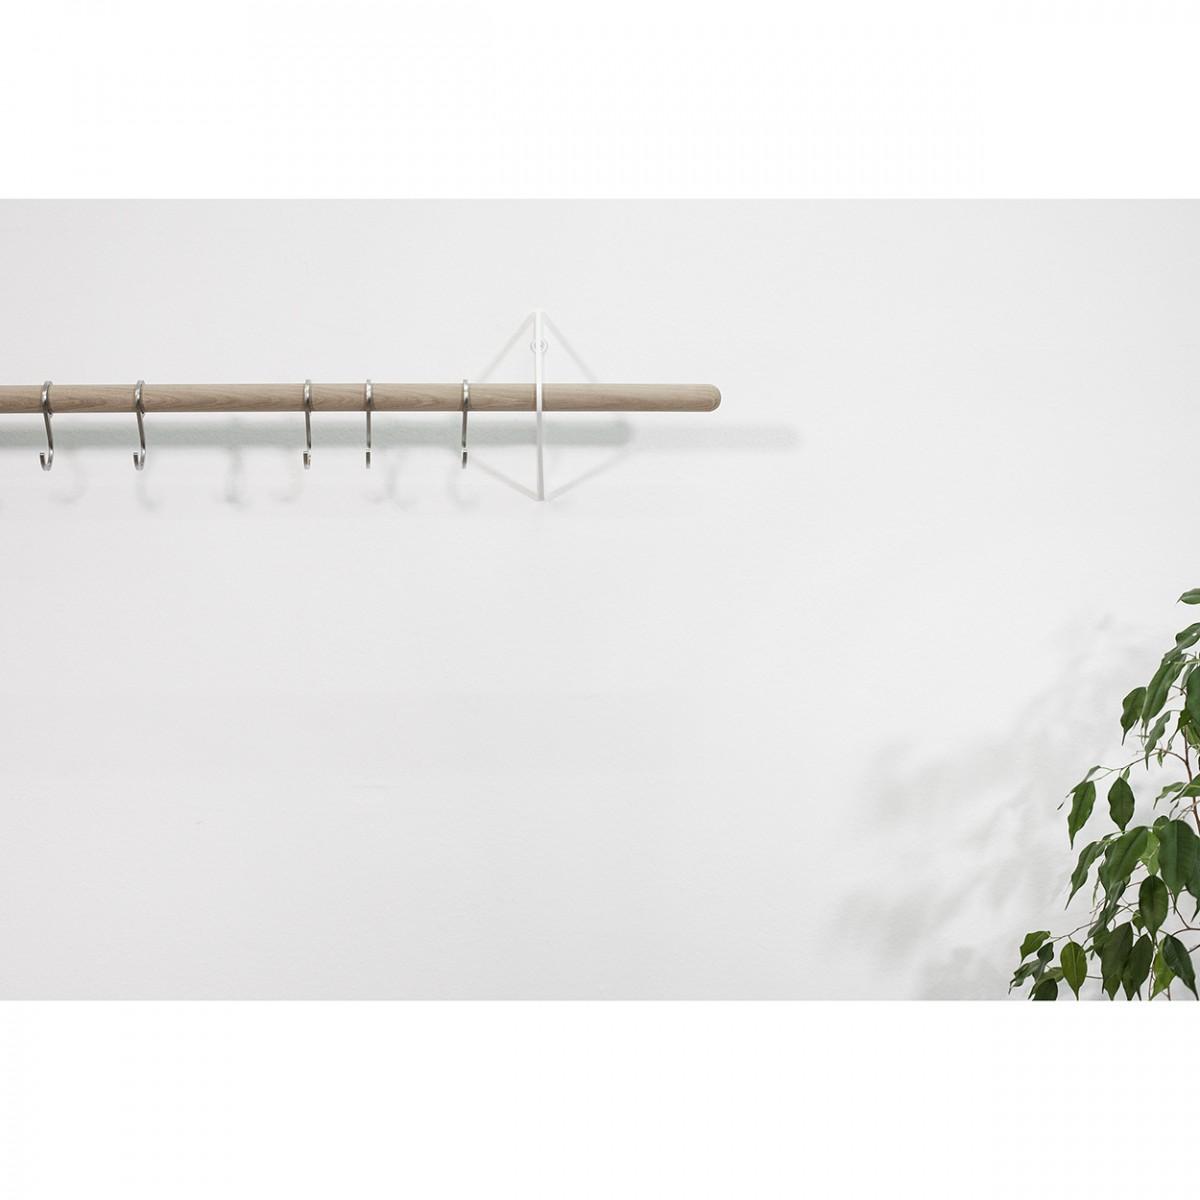 Garderobenhaken für SOLID Flurgarderobe, 5 Stück (Zubehör) | Result Objects